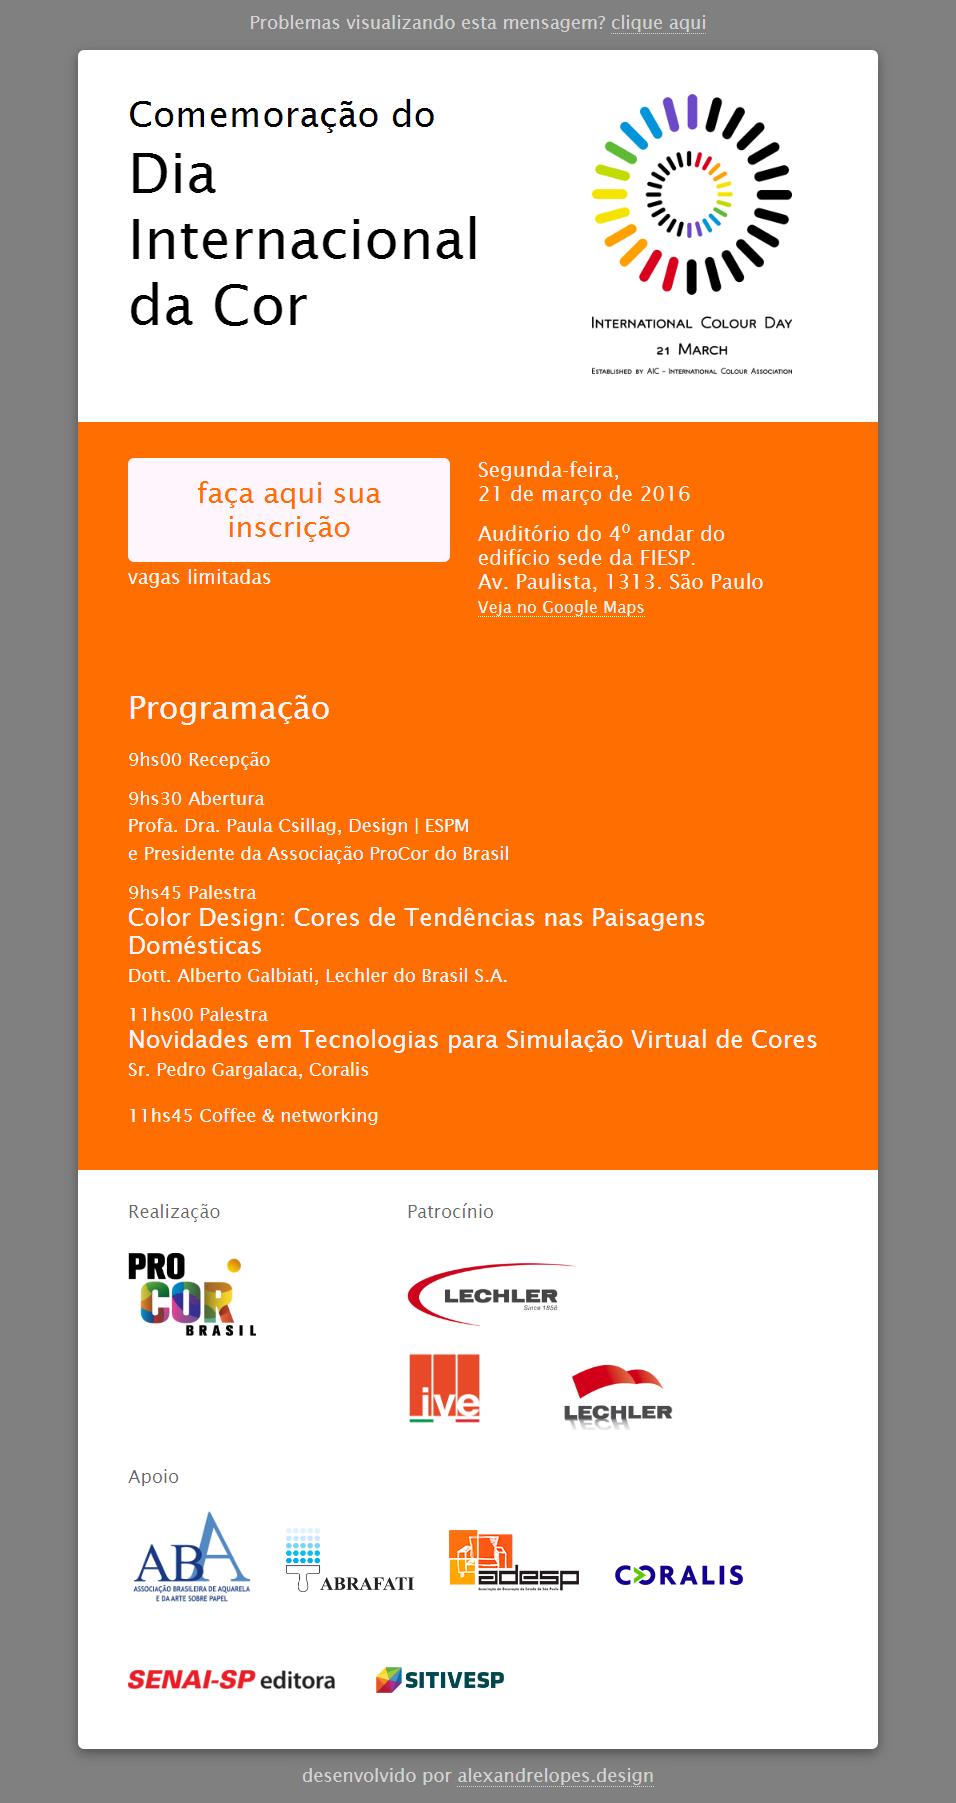 screencapture-file-D-Projetos_ProCor-2016_DiaInternacionalDaCor-www-e-mkt-html-1461854367207